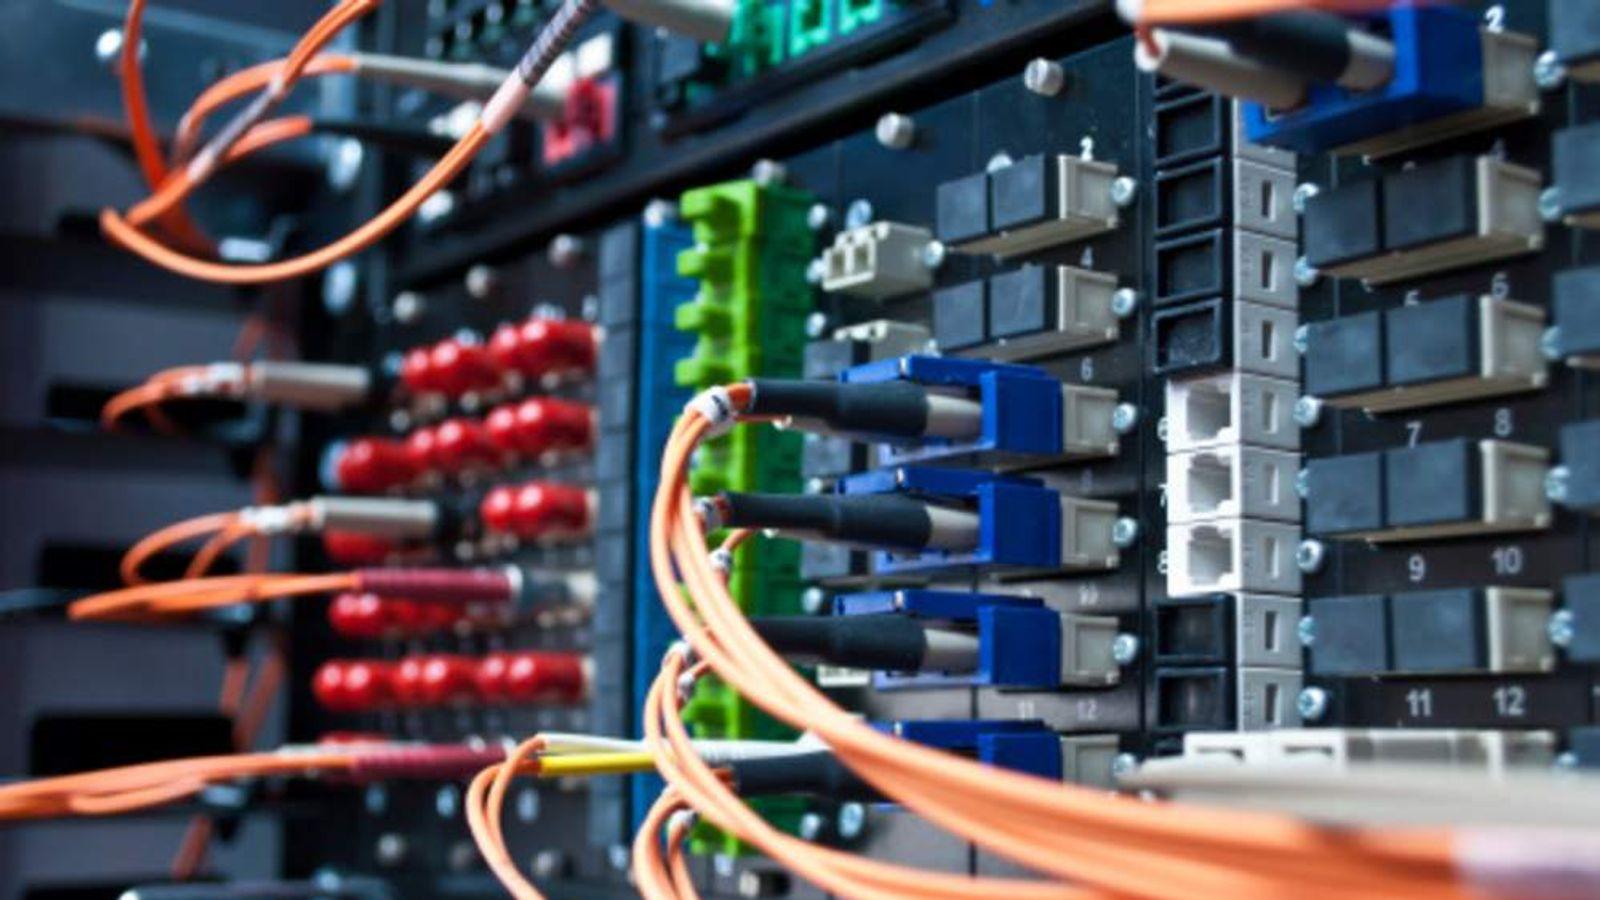 Fibre optic cables.